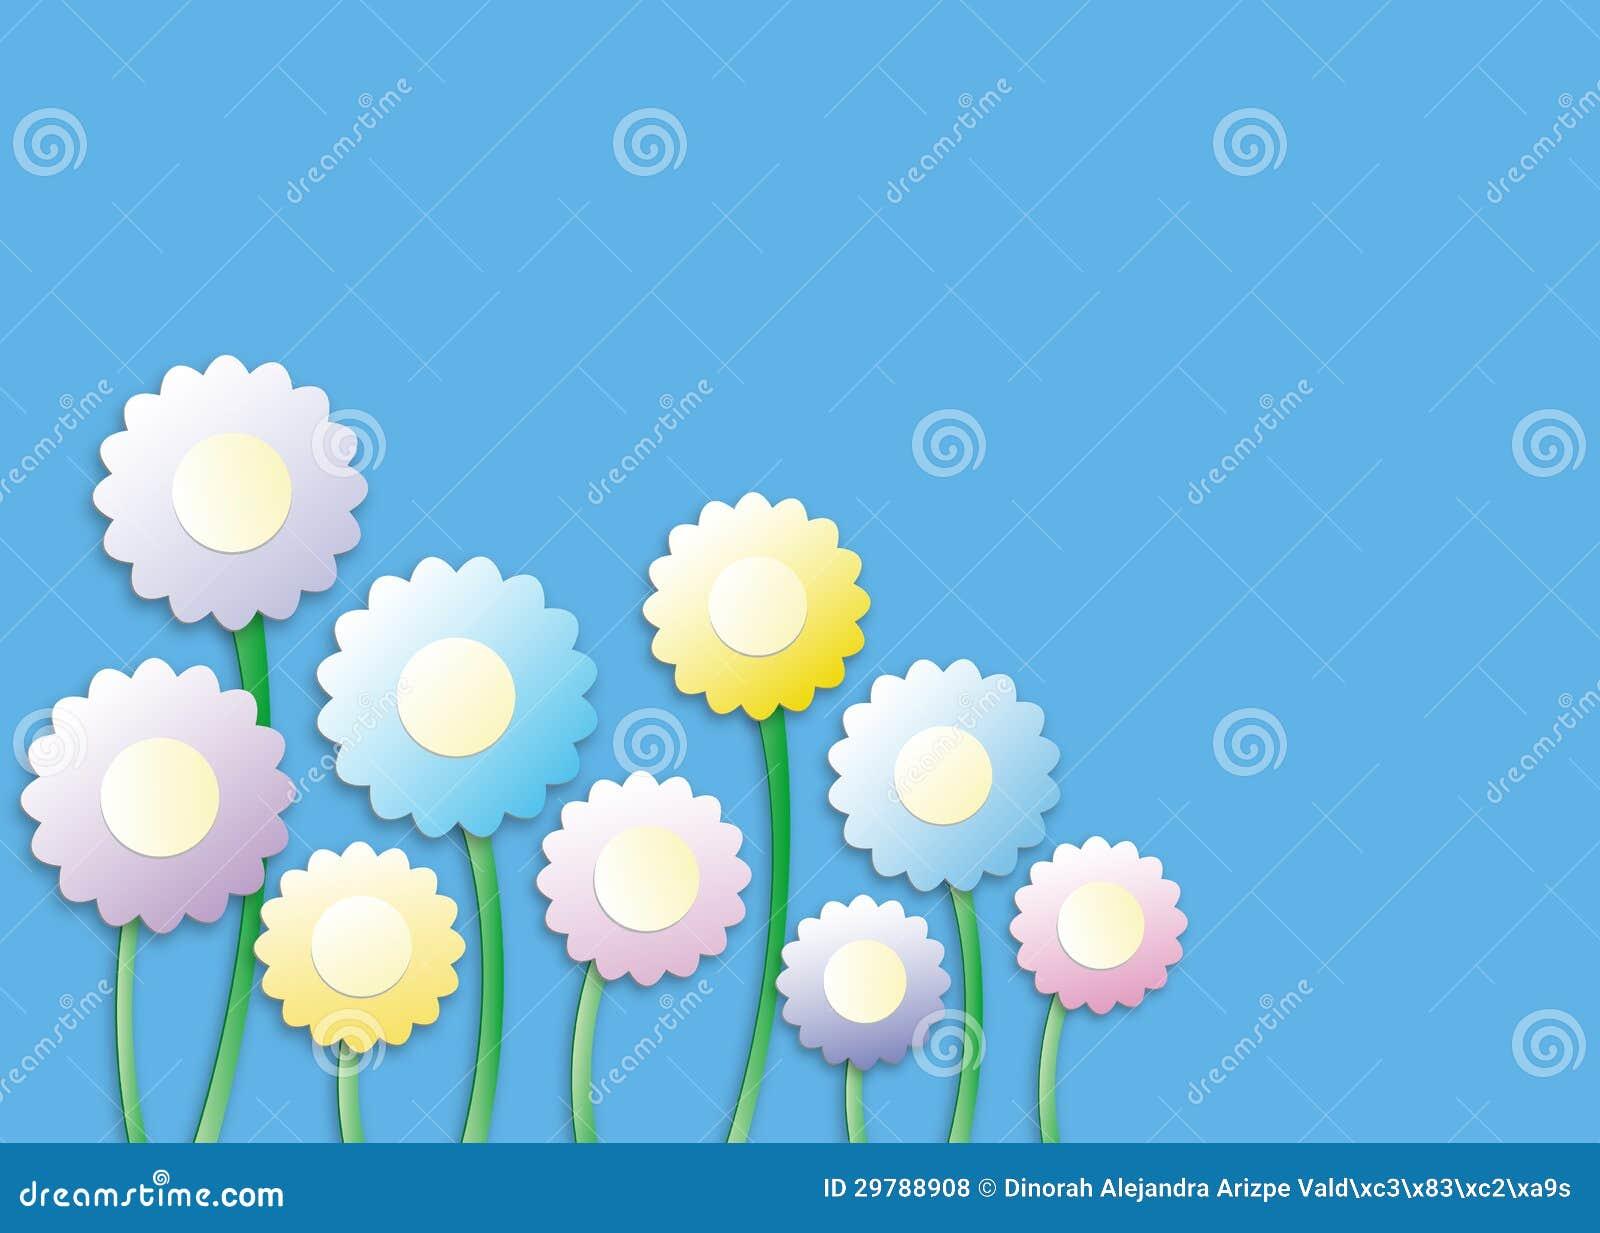 illustration soft floral - photo #34